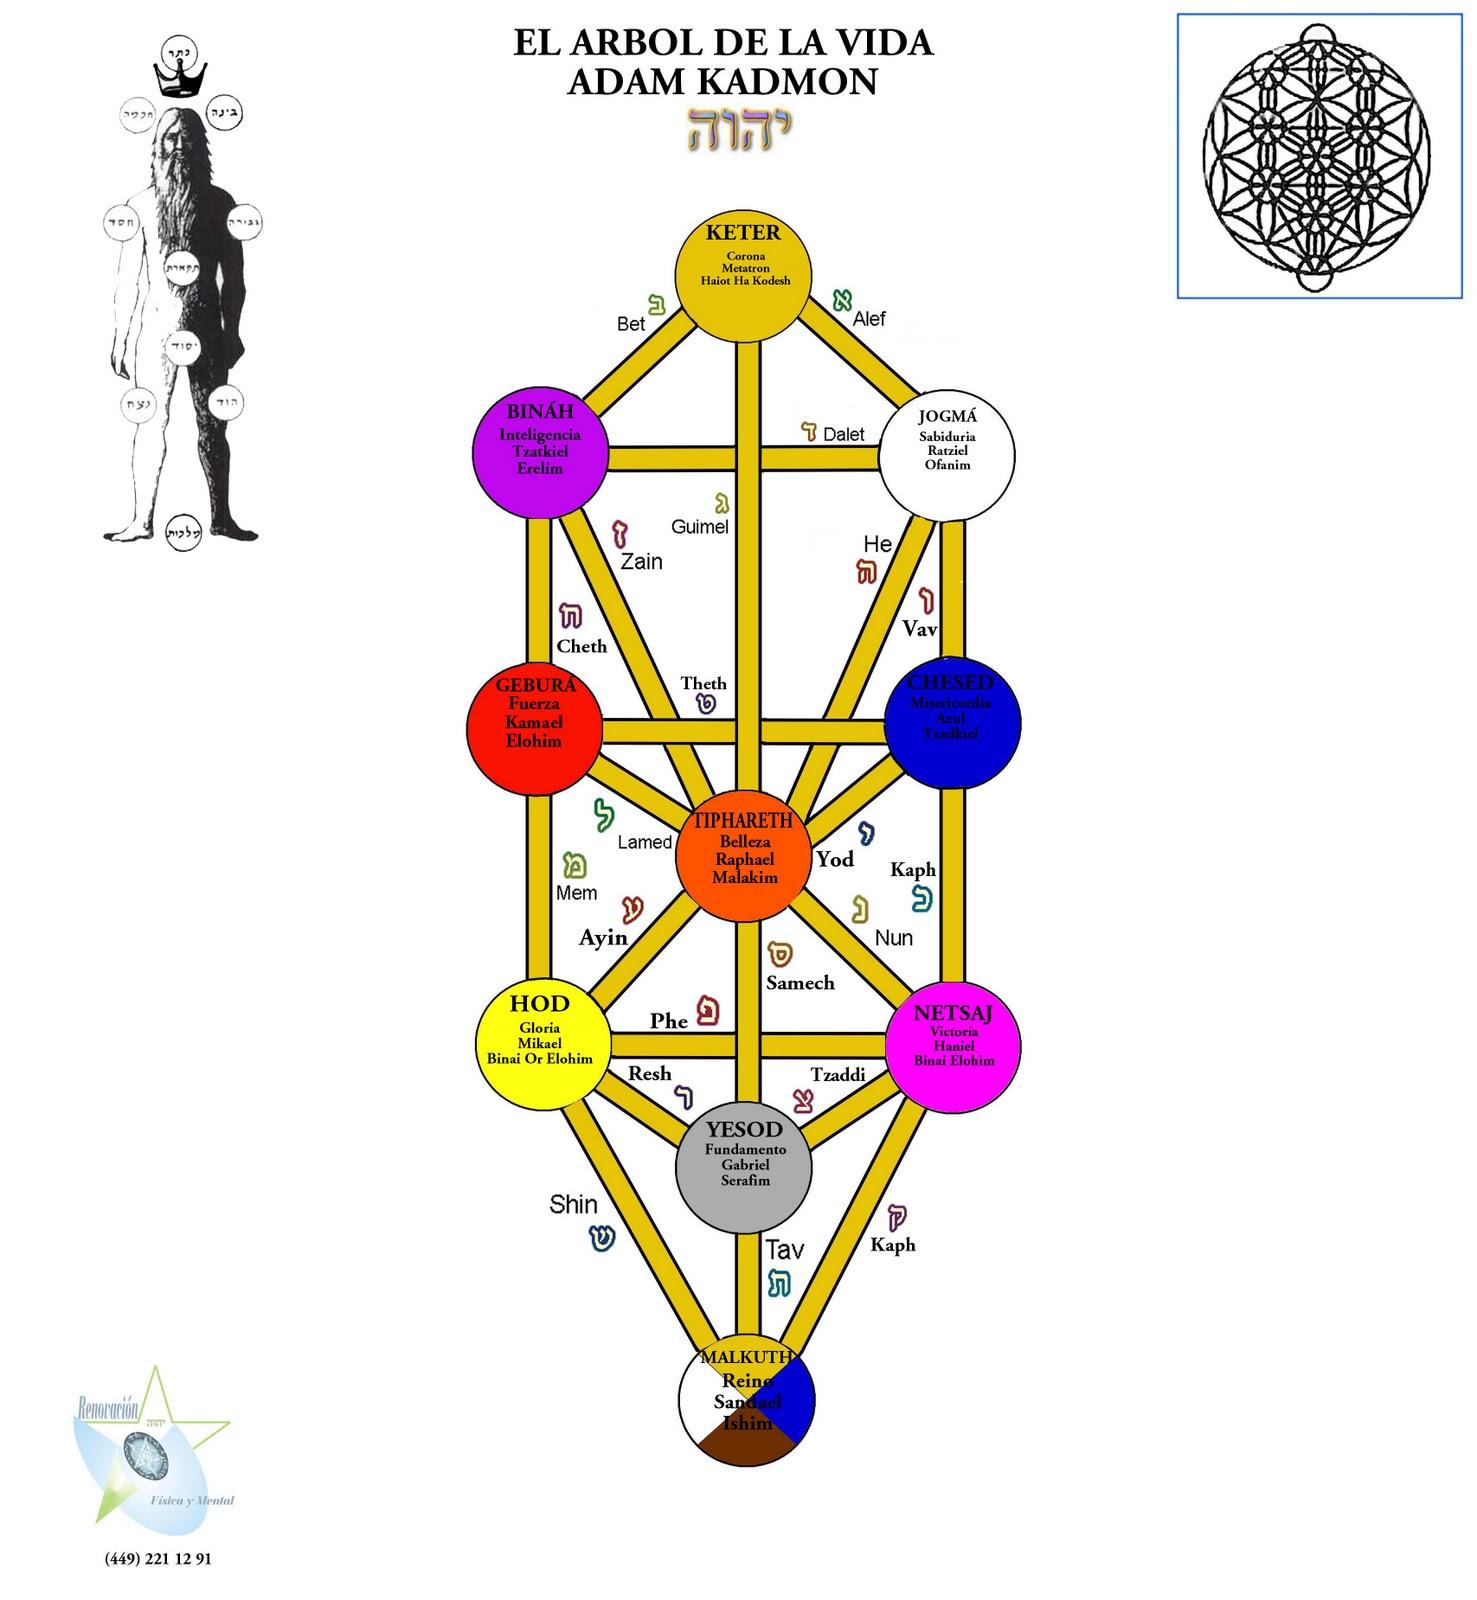 http://1.bp.blogspot.com/_PAb_7qo6vtA/TRlB1tBtvQI/AAAAAAAAAEQ/Loq4gT-ry88/s1600/ARBOL+DE+LA+VIDA+PARA+CLASE+A+COLOR+CON+NOMBRES.jpg